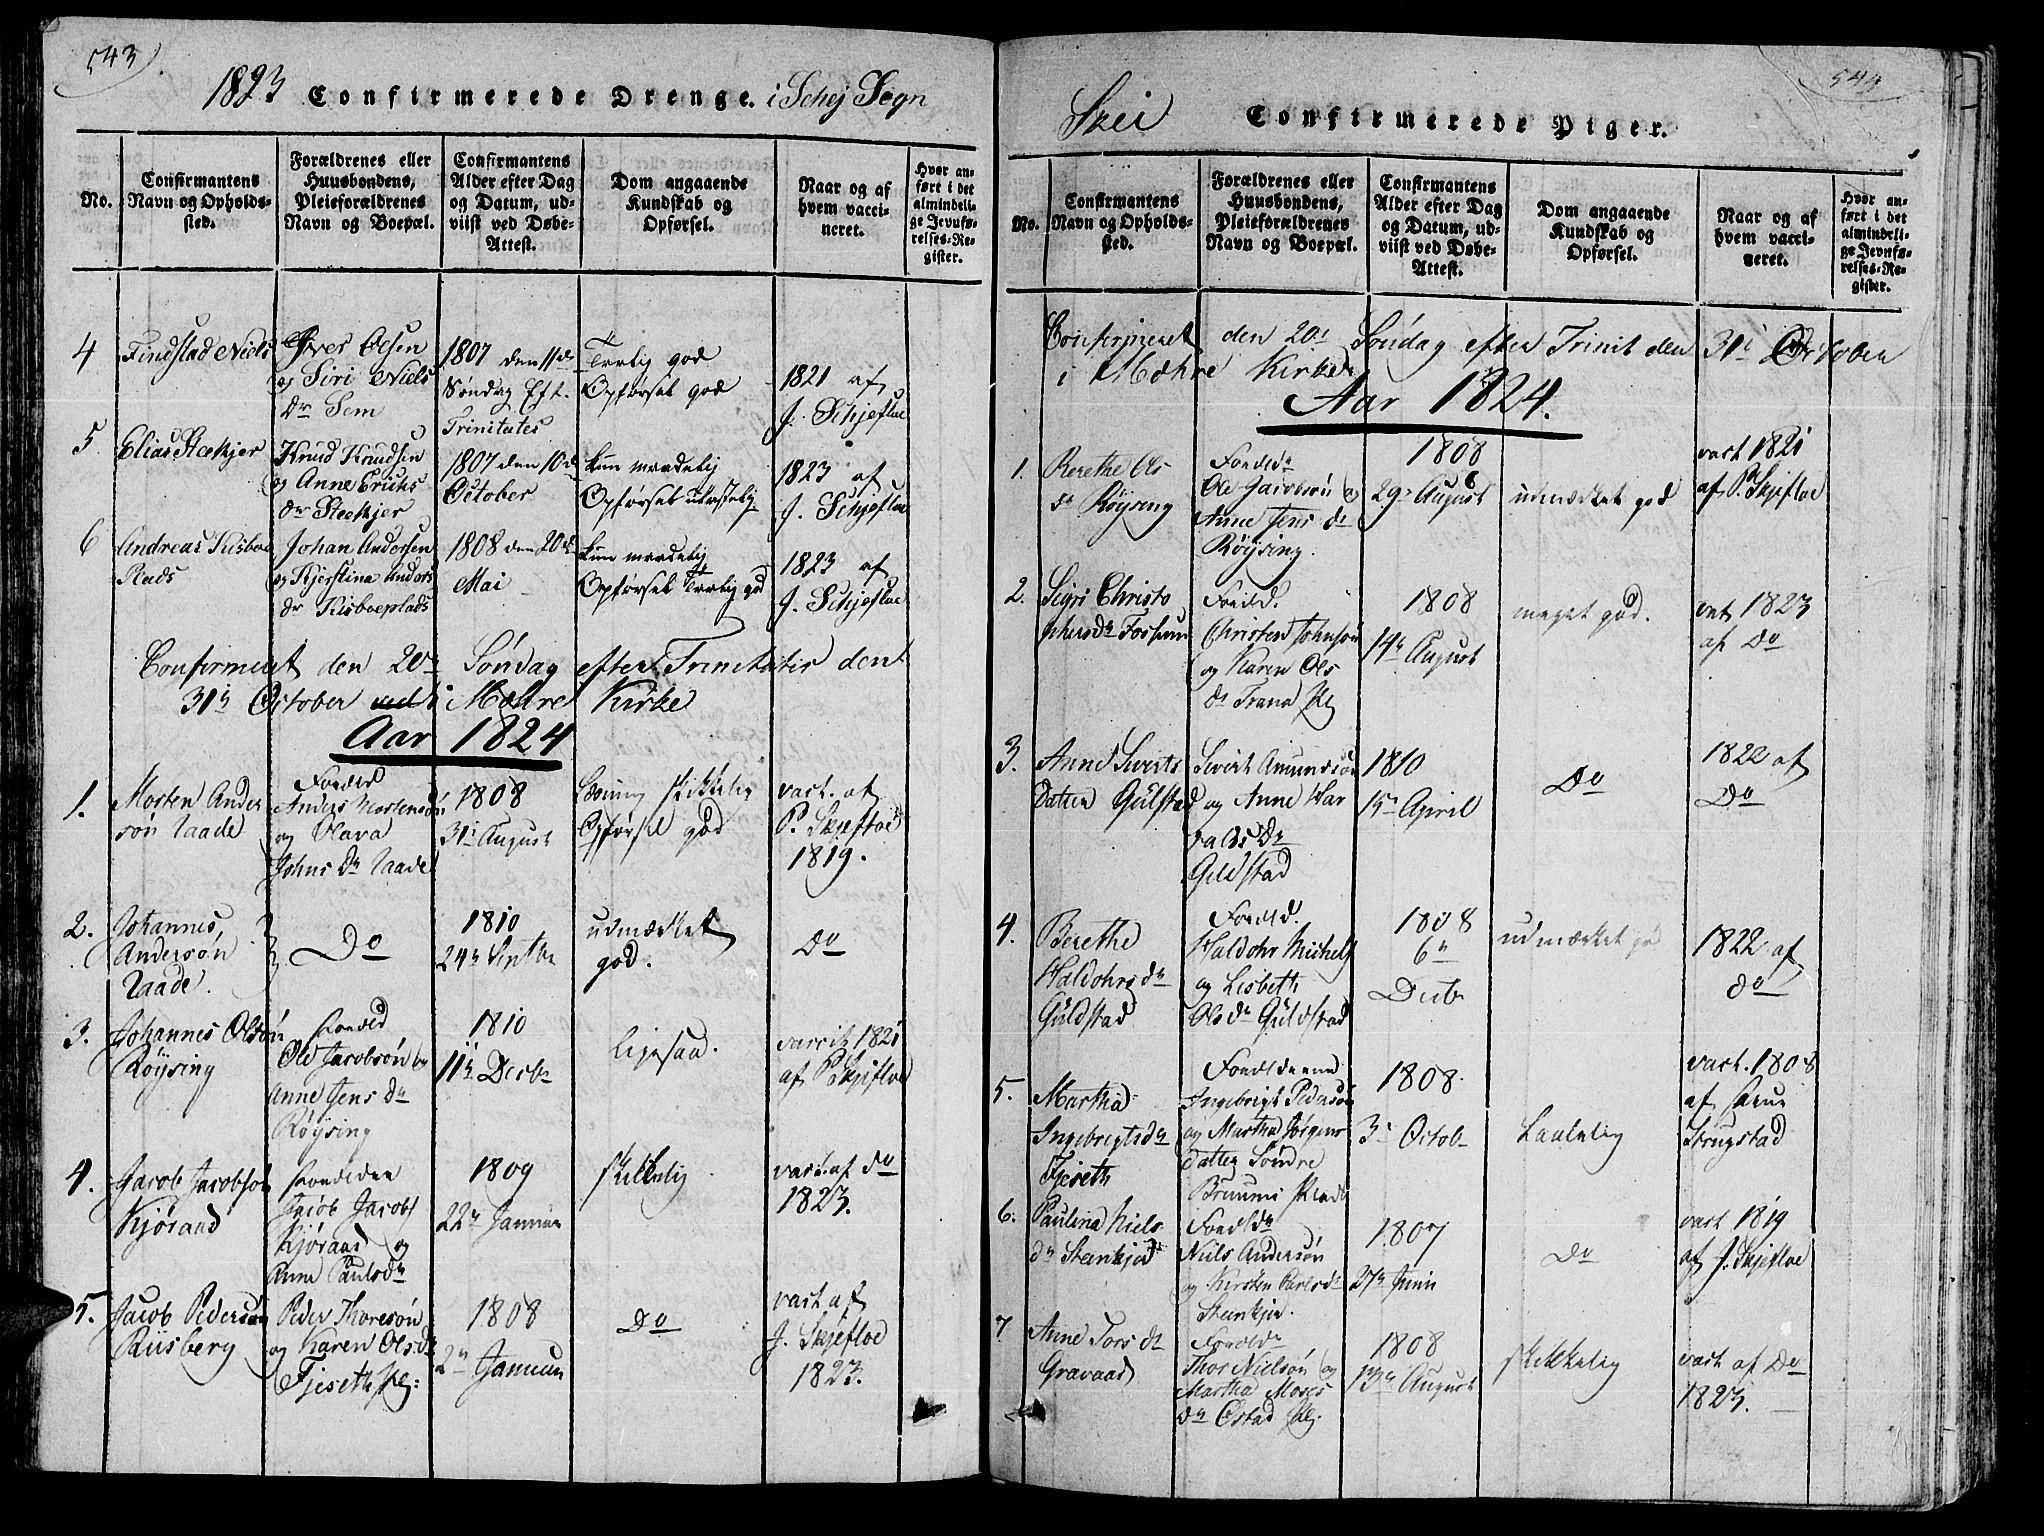 SAT, Ministerialprotokoller, klokkerbøker og fødselsregistre - Nord-Trøndelag, 735/L0333: Ministerialbok nr. 735A04 /2, 1816-1825, s. 543-544